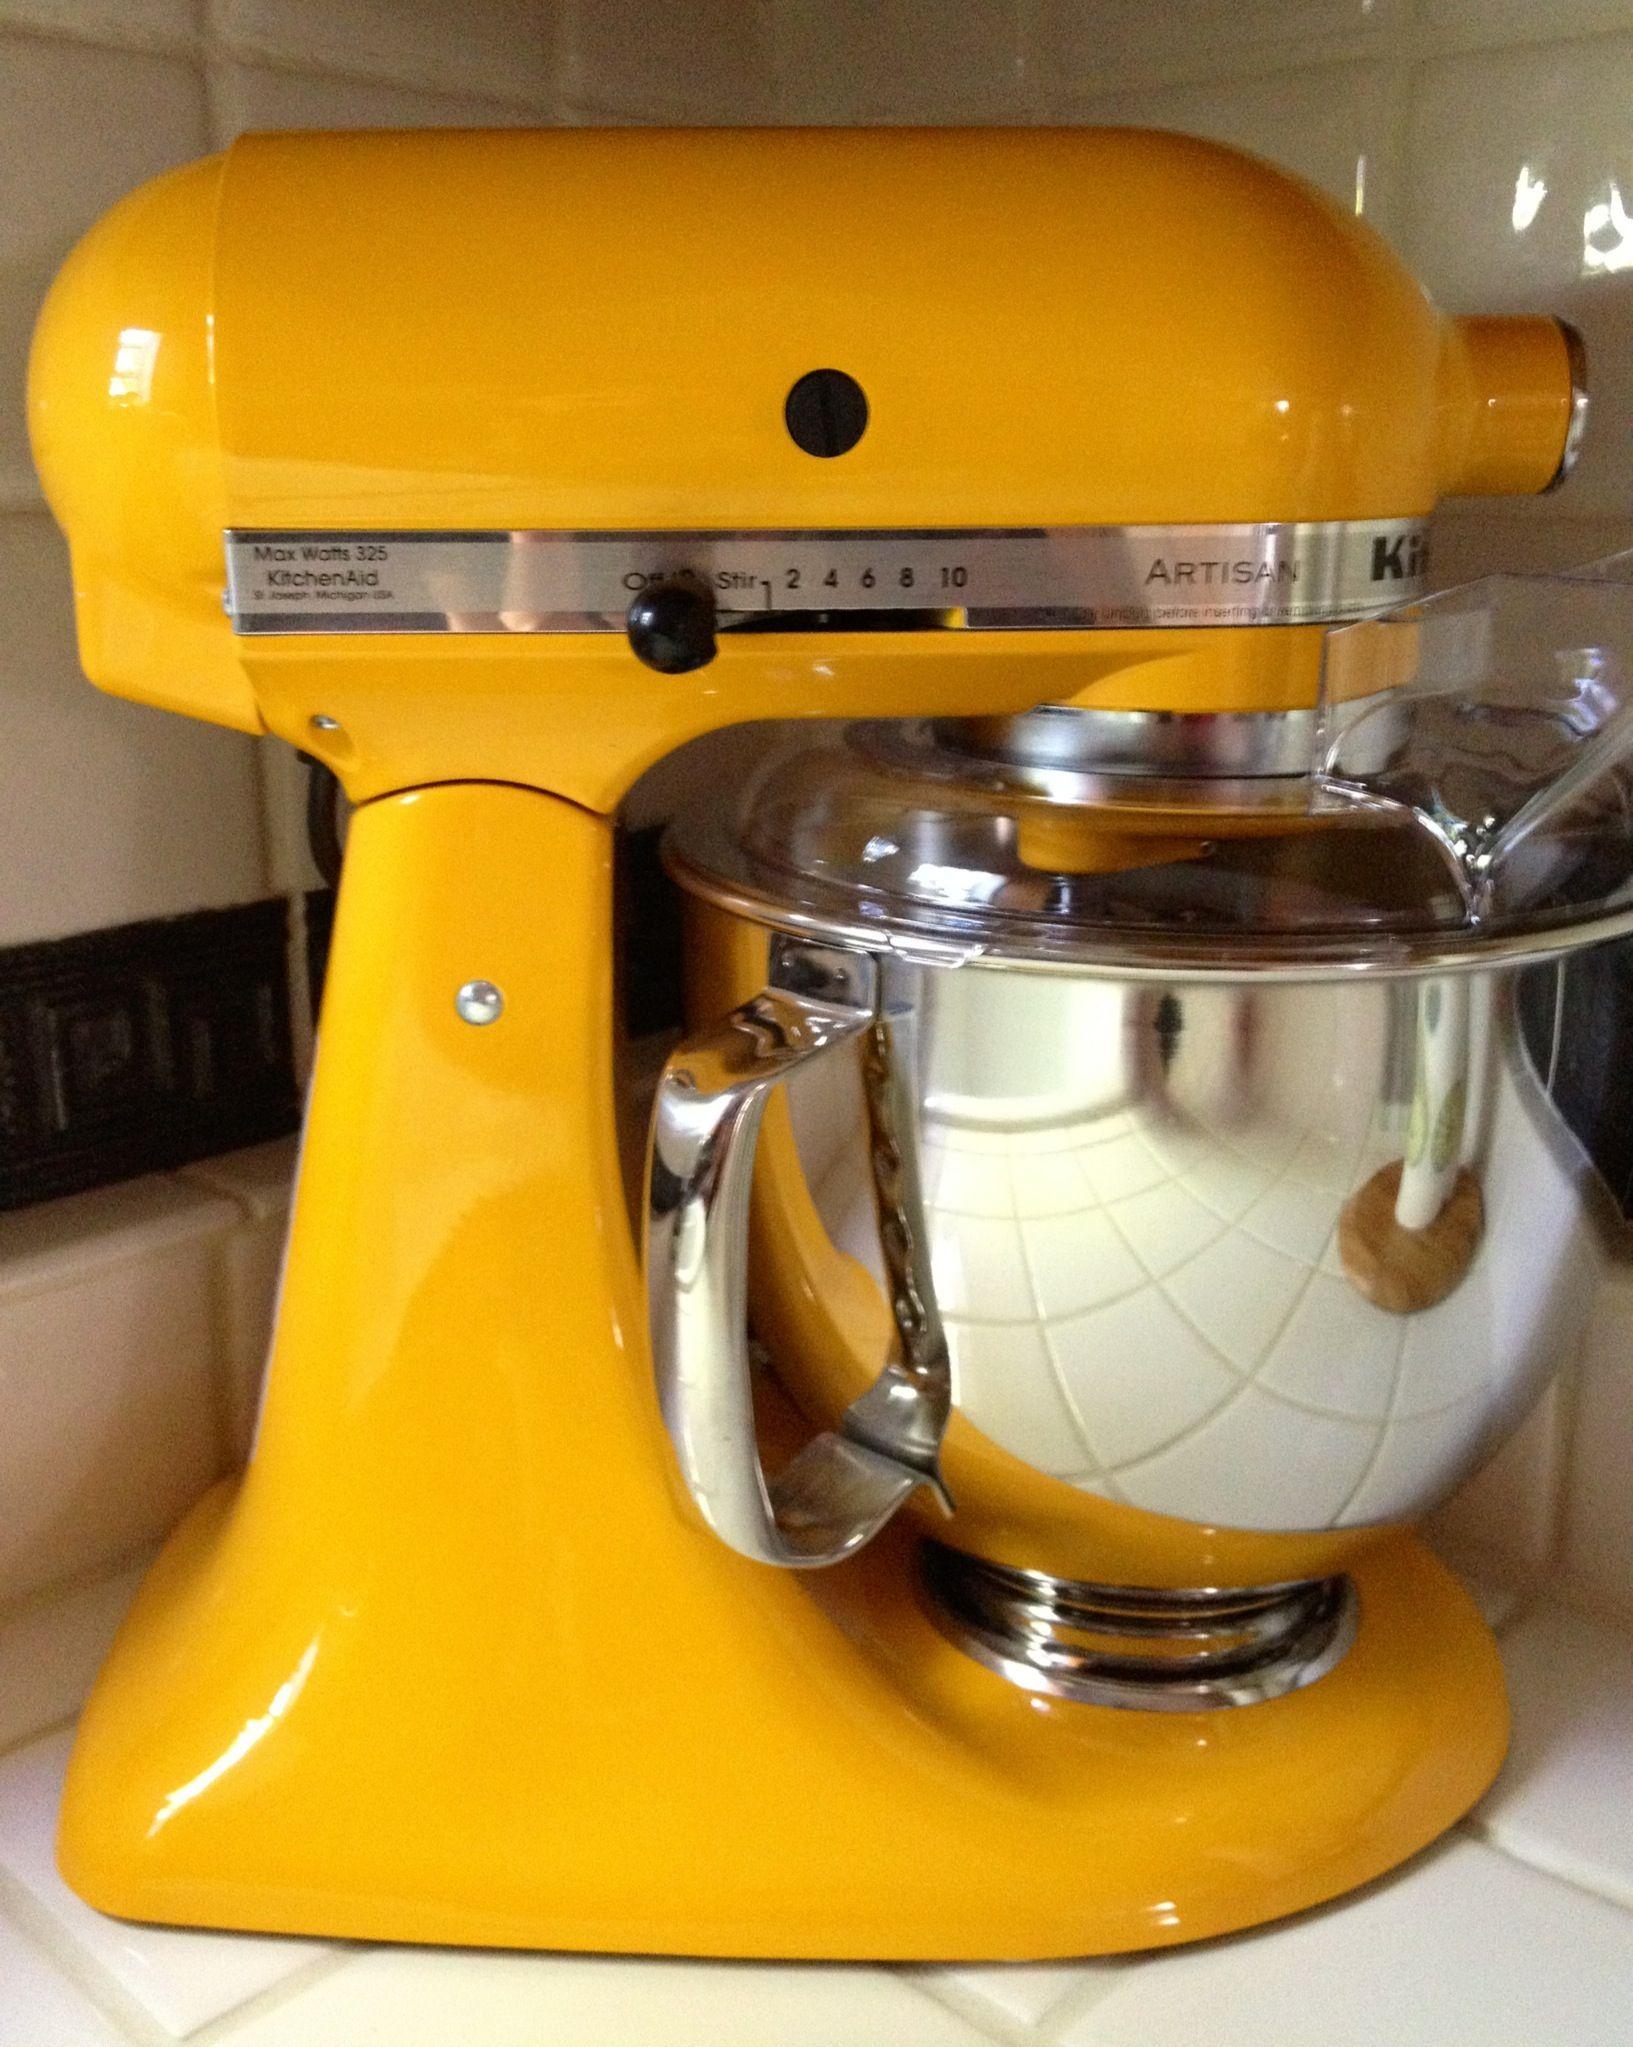 Beau Yellow Pepper KitchenAid Mixer Kitchenaid Stand Mixer Sale, Kitchen Aide, Kitchen  Aid Mixer,